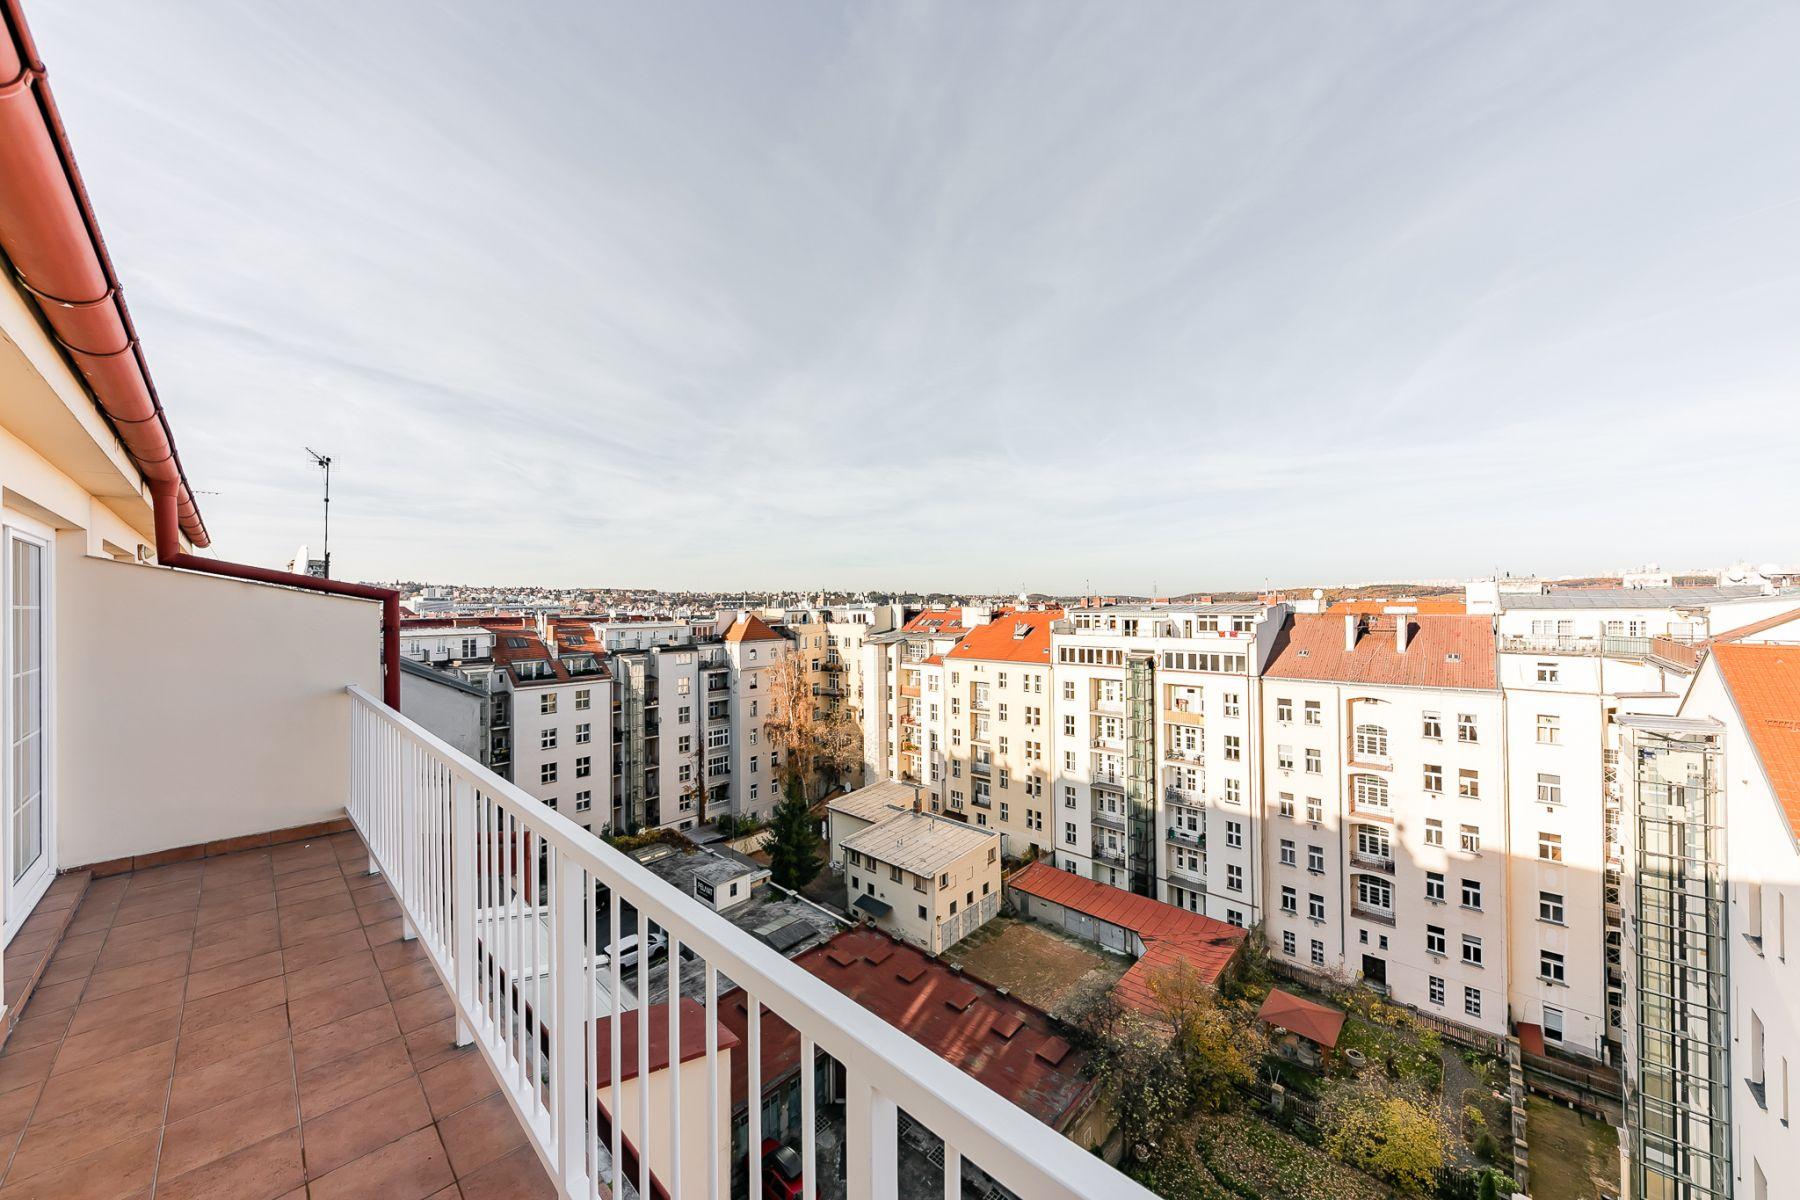 Pronájem nezař prostorný 4+kk 135m2, 3 ložnice, 2 koupelny, balkon, duplex, výtah